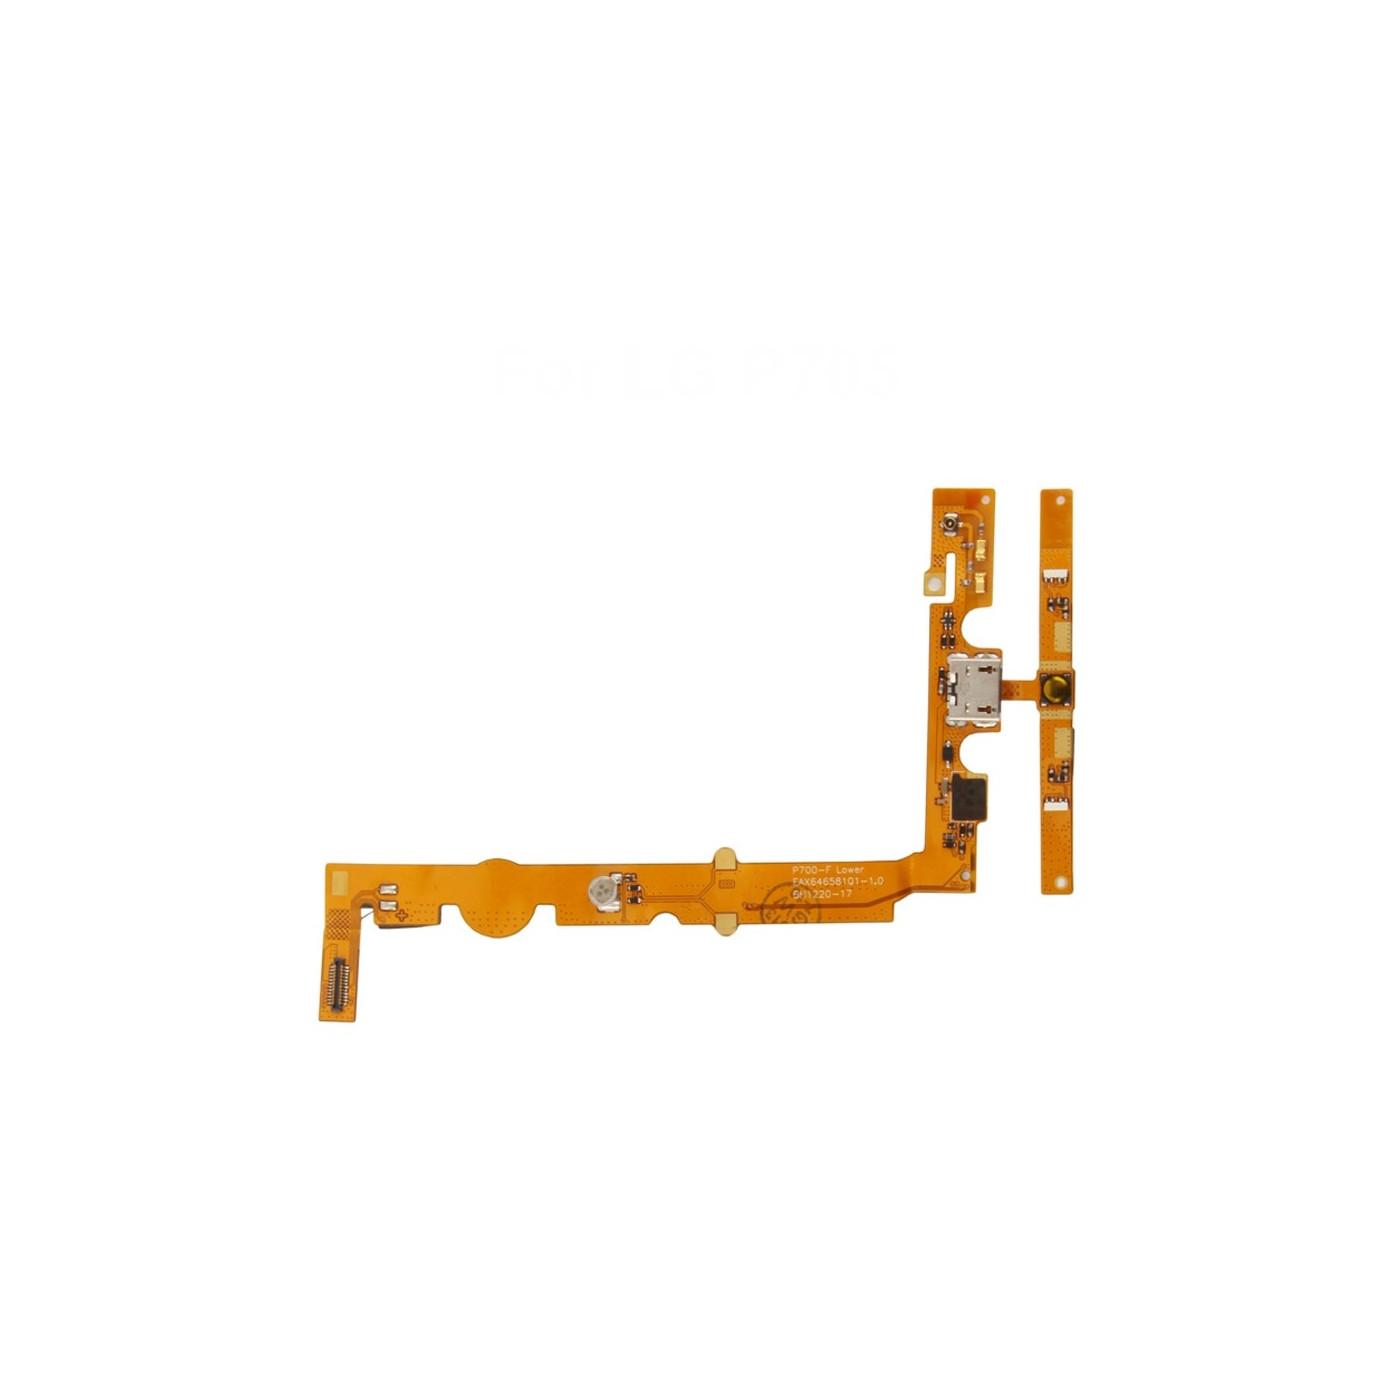 Flat Flex Ladestecker für LG Optimus L7 - P700 Ladestation